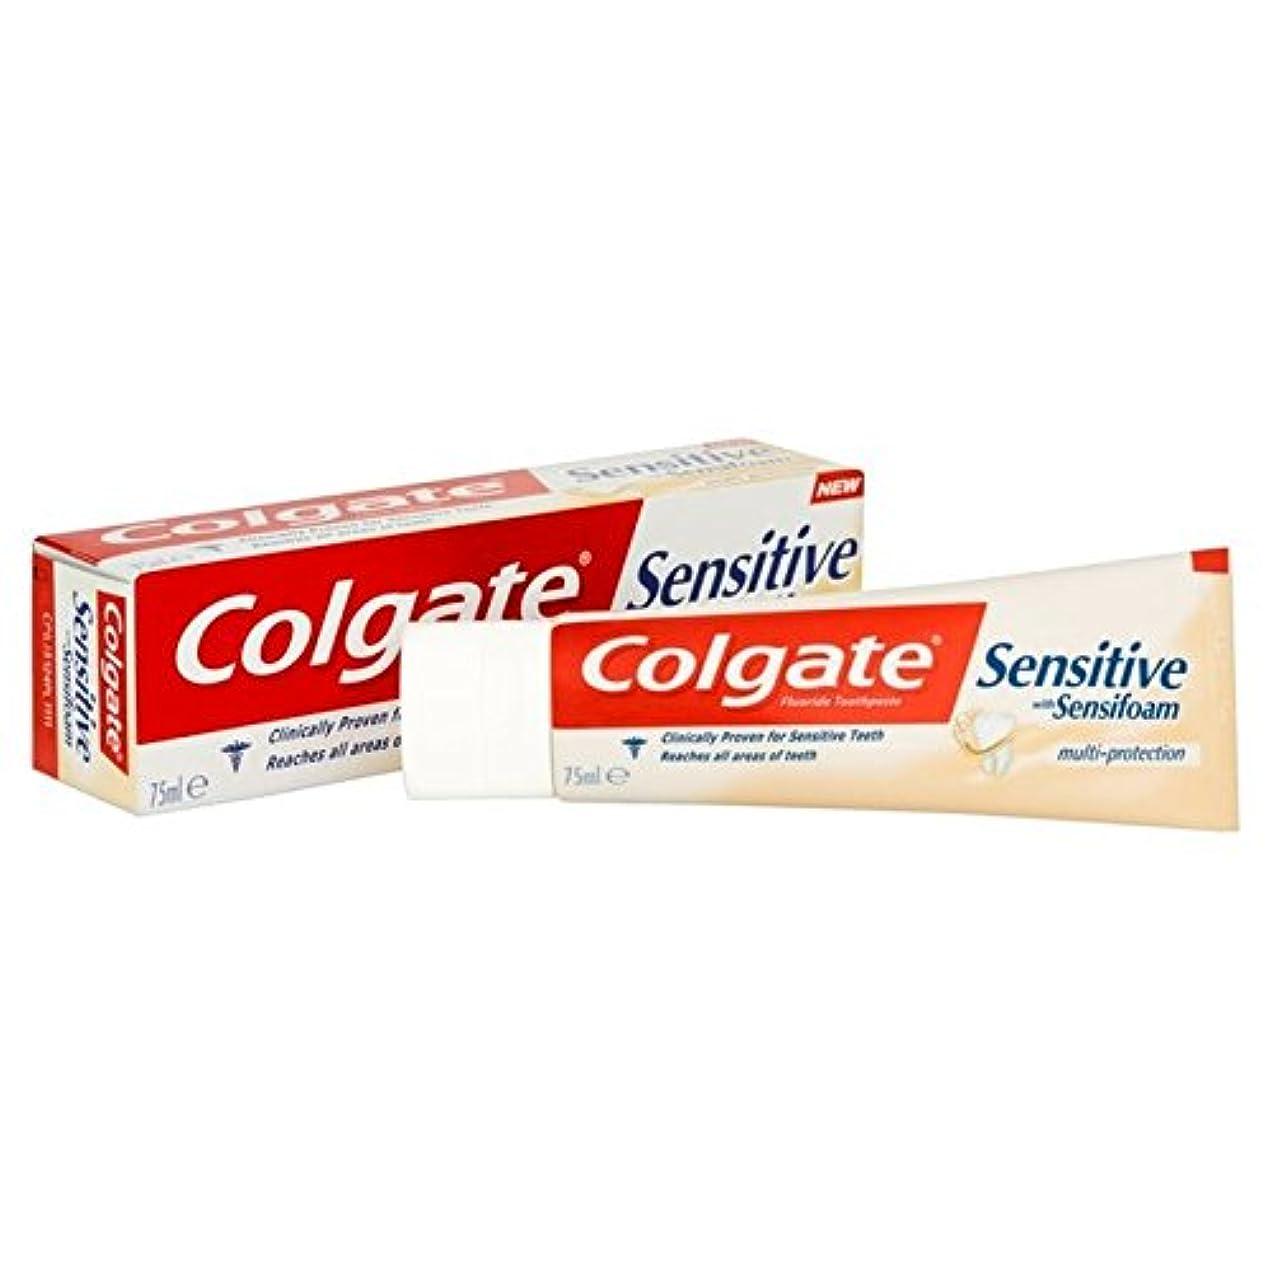 責人類郵便局Colgate Sensitive Foam Multi Protect Toothpaste 75ml (Pack of 6) - コルゲート敏感な泡は、マルチ歯磨き粉75ミリリットルを保護します x6 [並行輸入品]